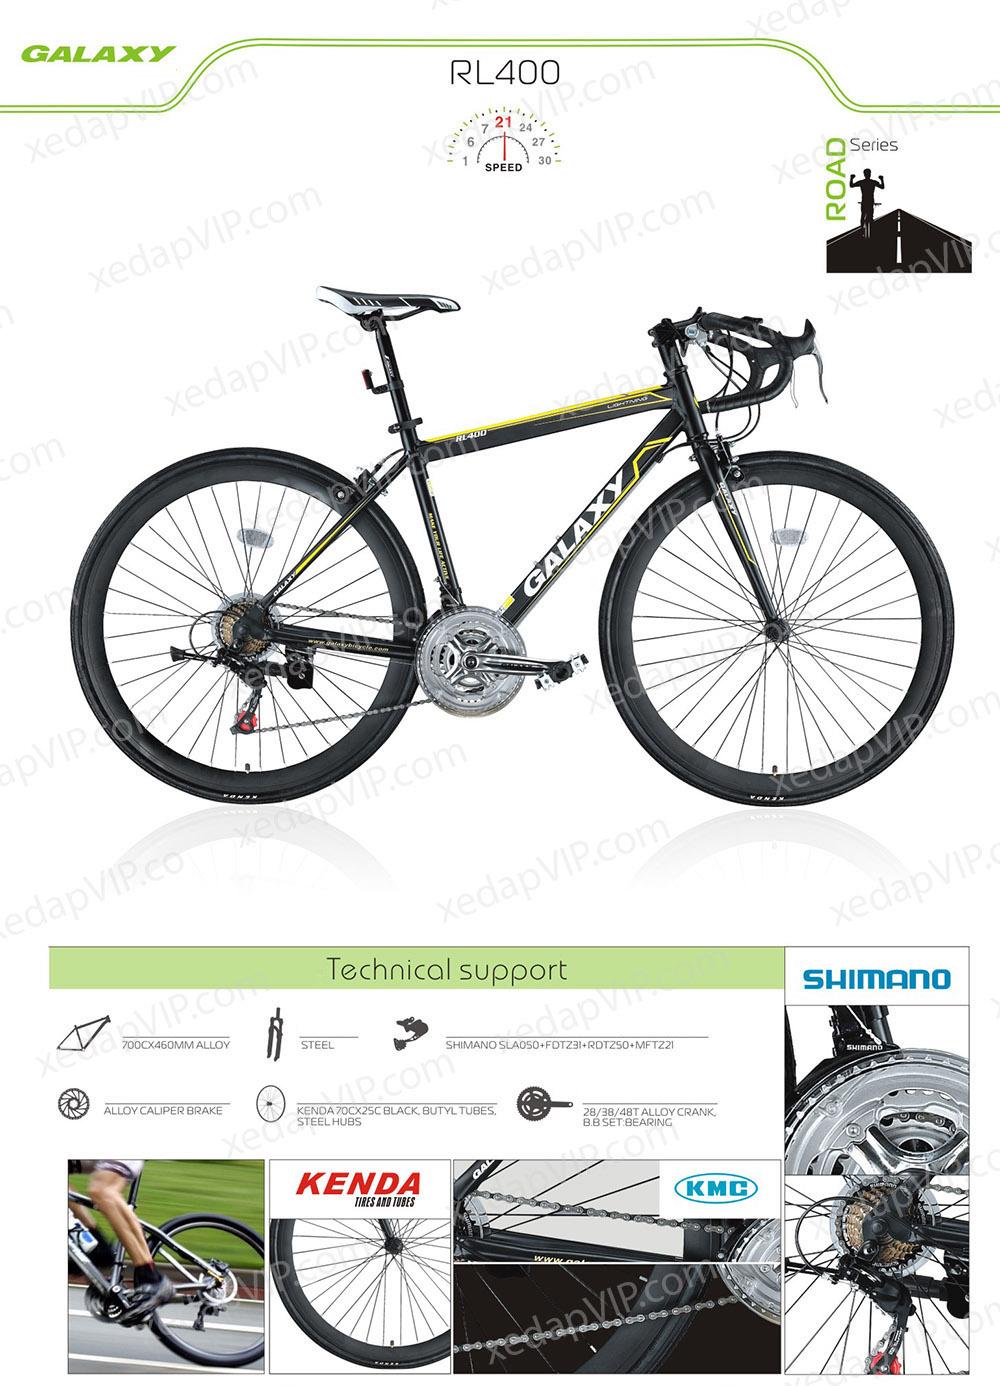 Xe dap the thao cuoc GALAXY RL400, xe dap the thao, xe dap trinx, xe đạp thể thao chính hãng, xe dap asama, rl400